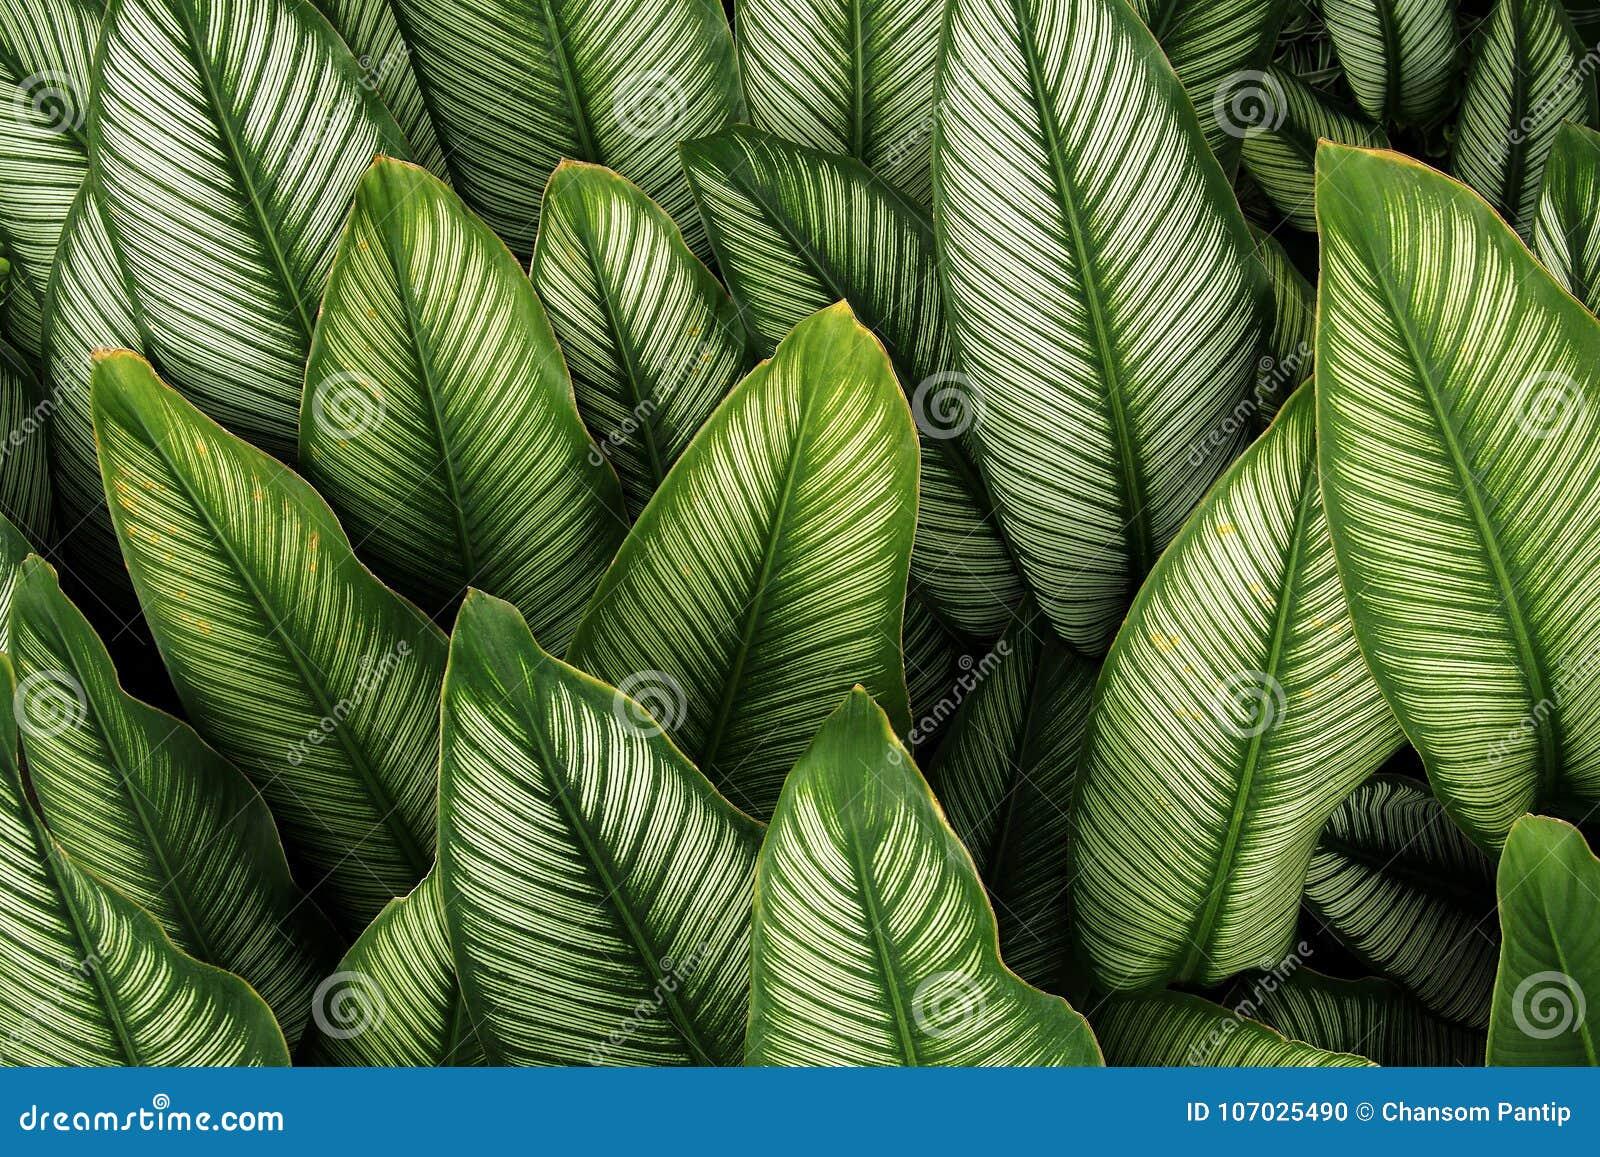 Grünes Blatt mit weißen Streifen von Calathea-majestica, tropisches f